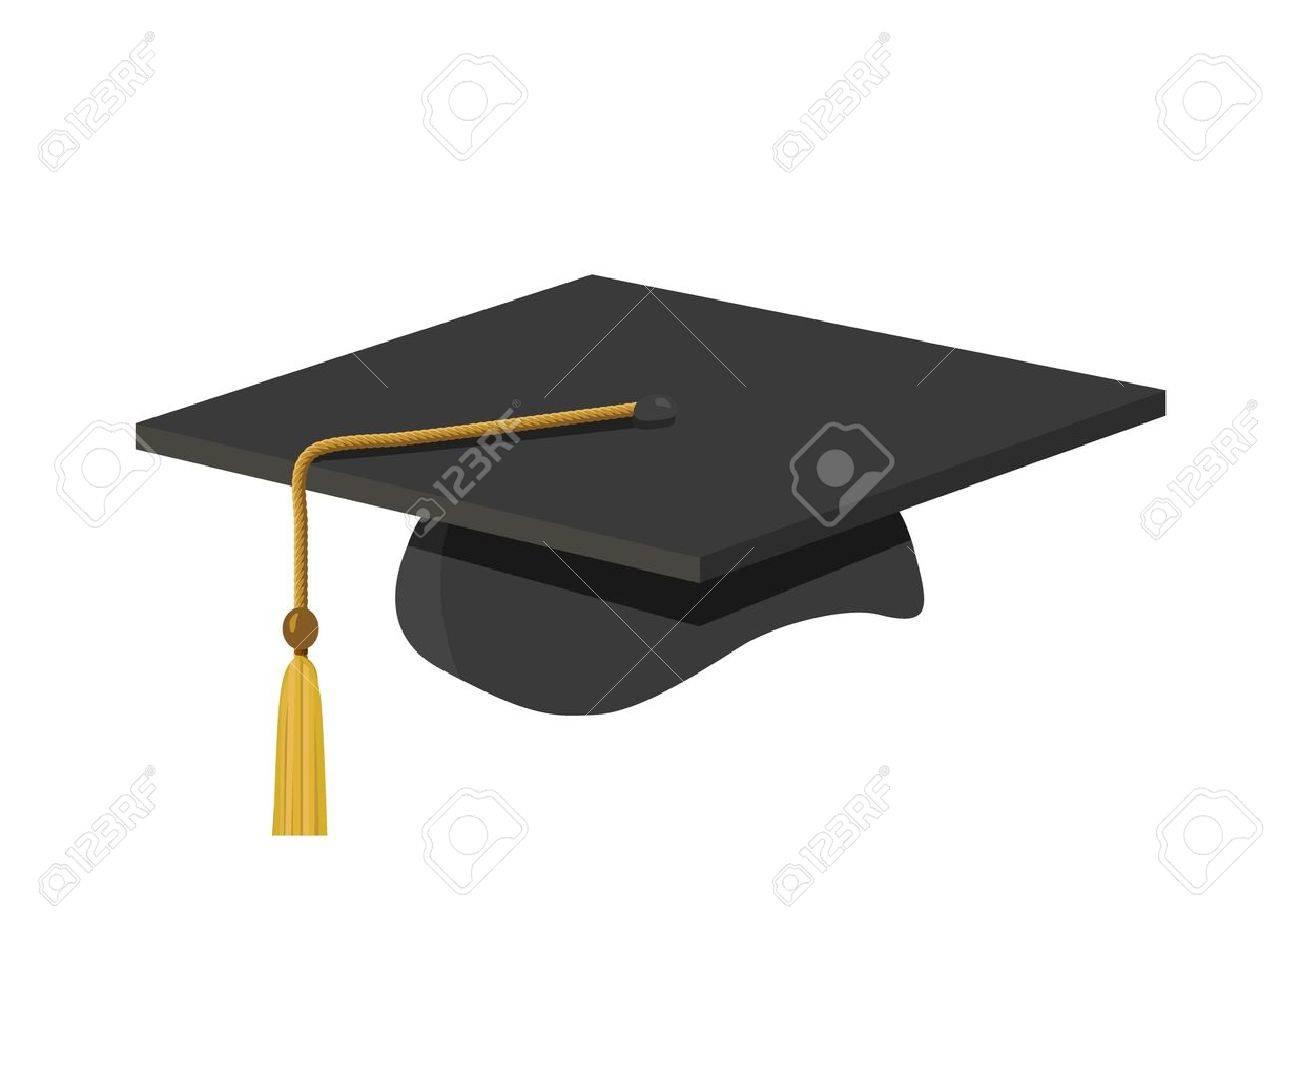 Foto de archivo , un gorro de graduación (Junta de mortero) con tassle